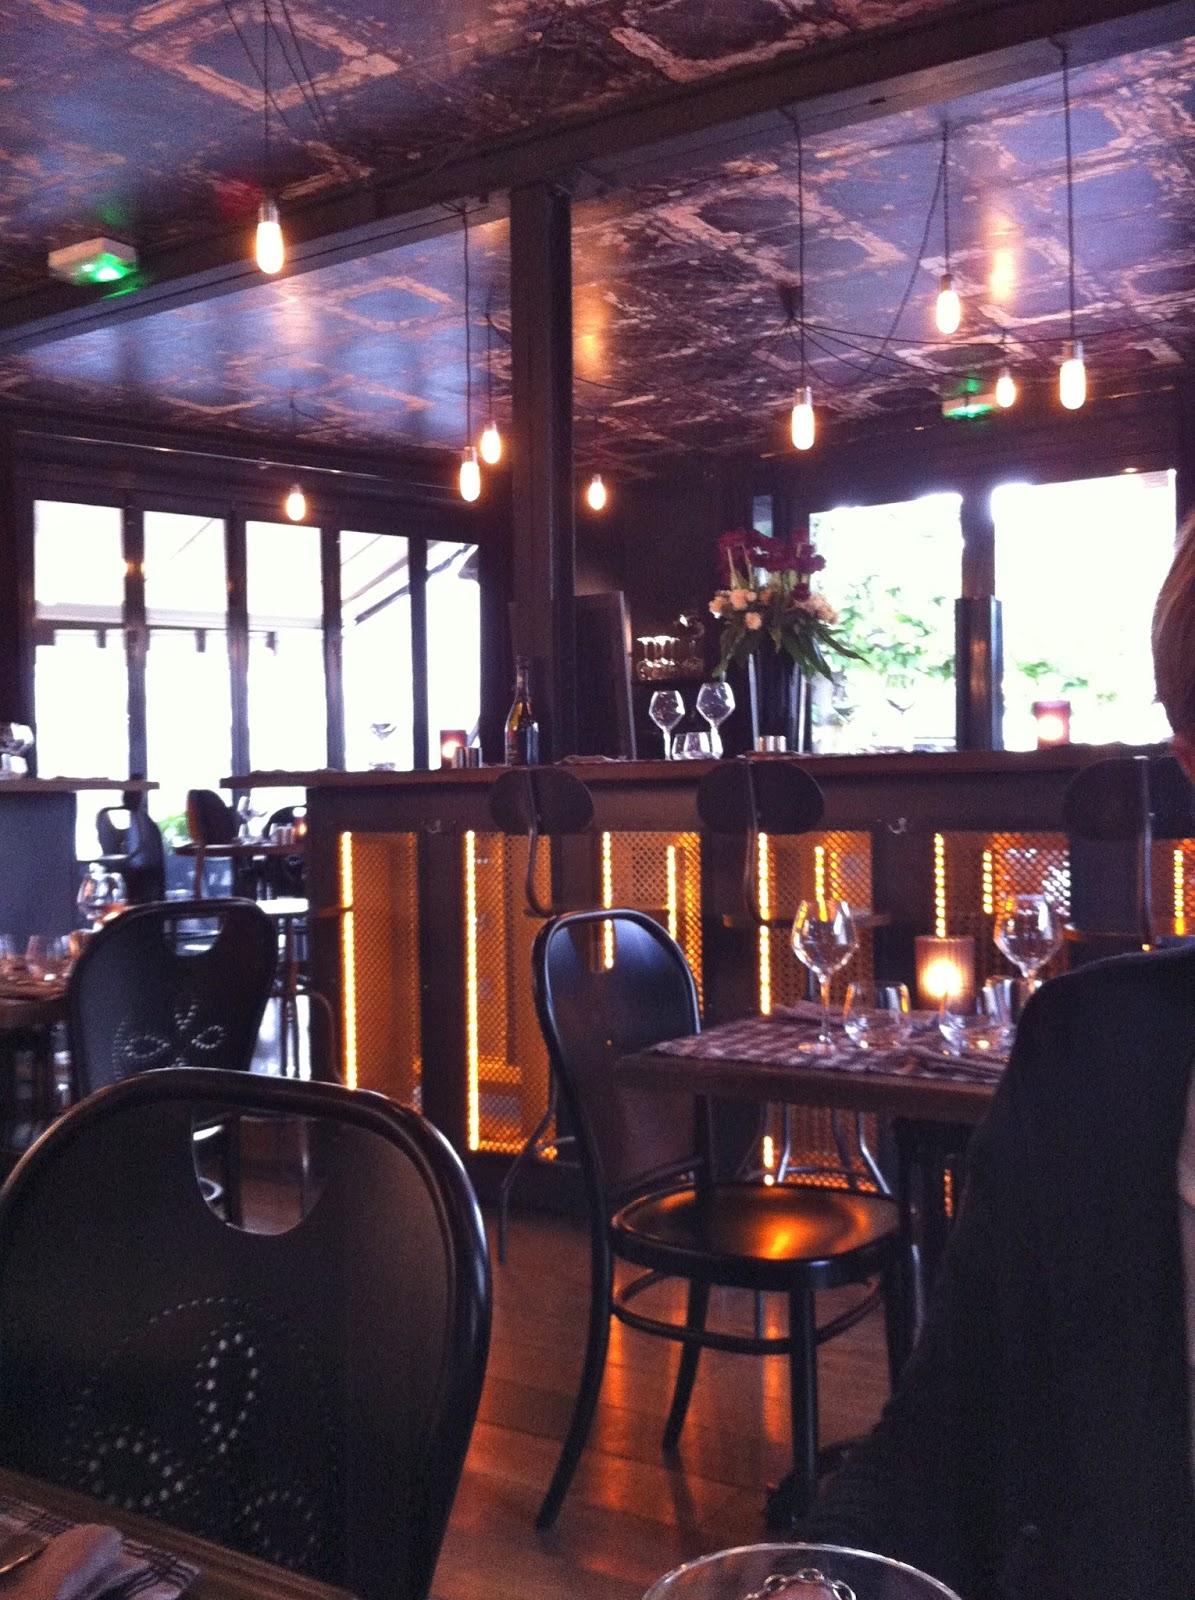 Ephemere en balade deauville j 39 ai d couvert un for Restaurant le garage deauville